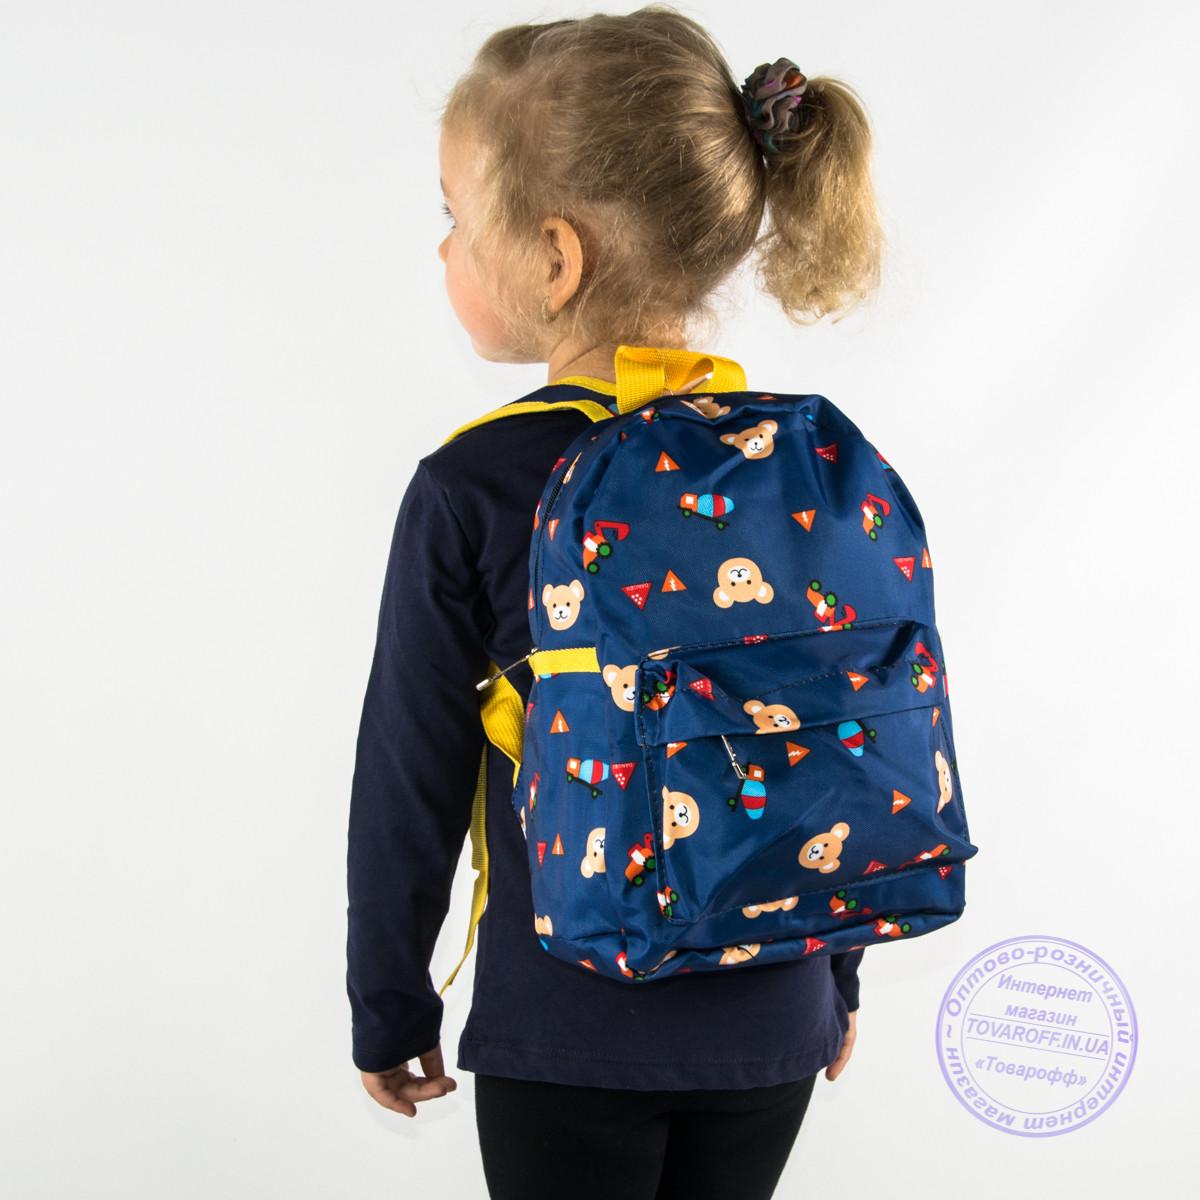 Детский рюкзак для мальчиков и девочек - синий - 132